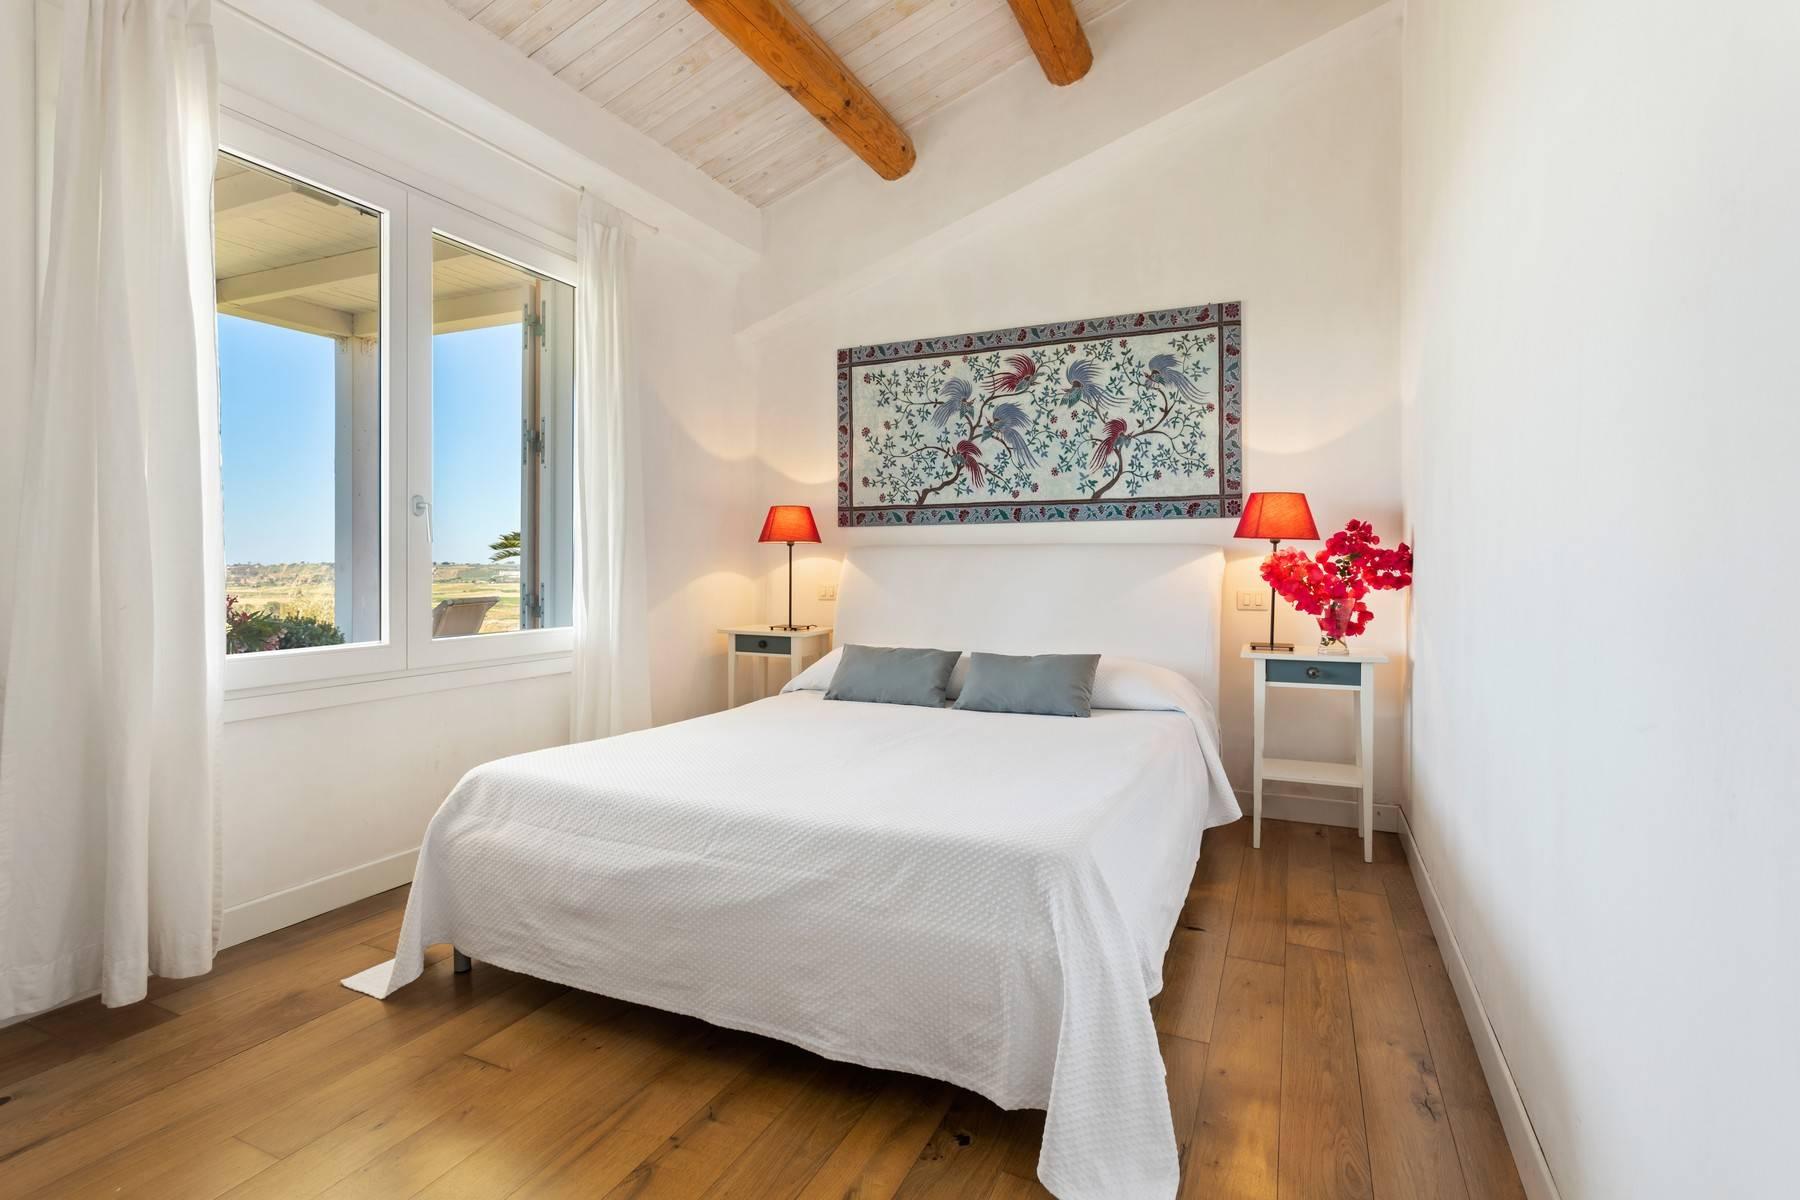 Villa in Vendita a Castelvetrano: 5 locali, 180 mq - Foto 18